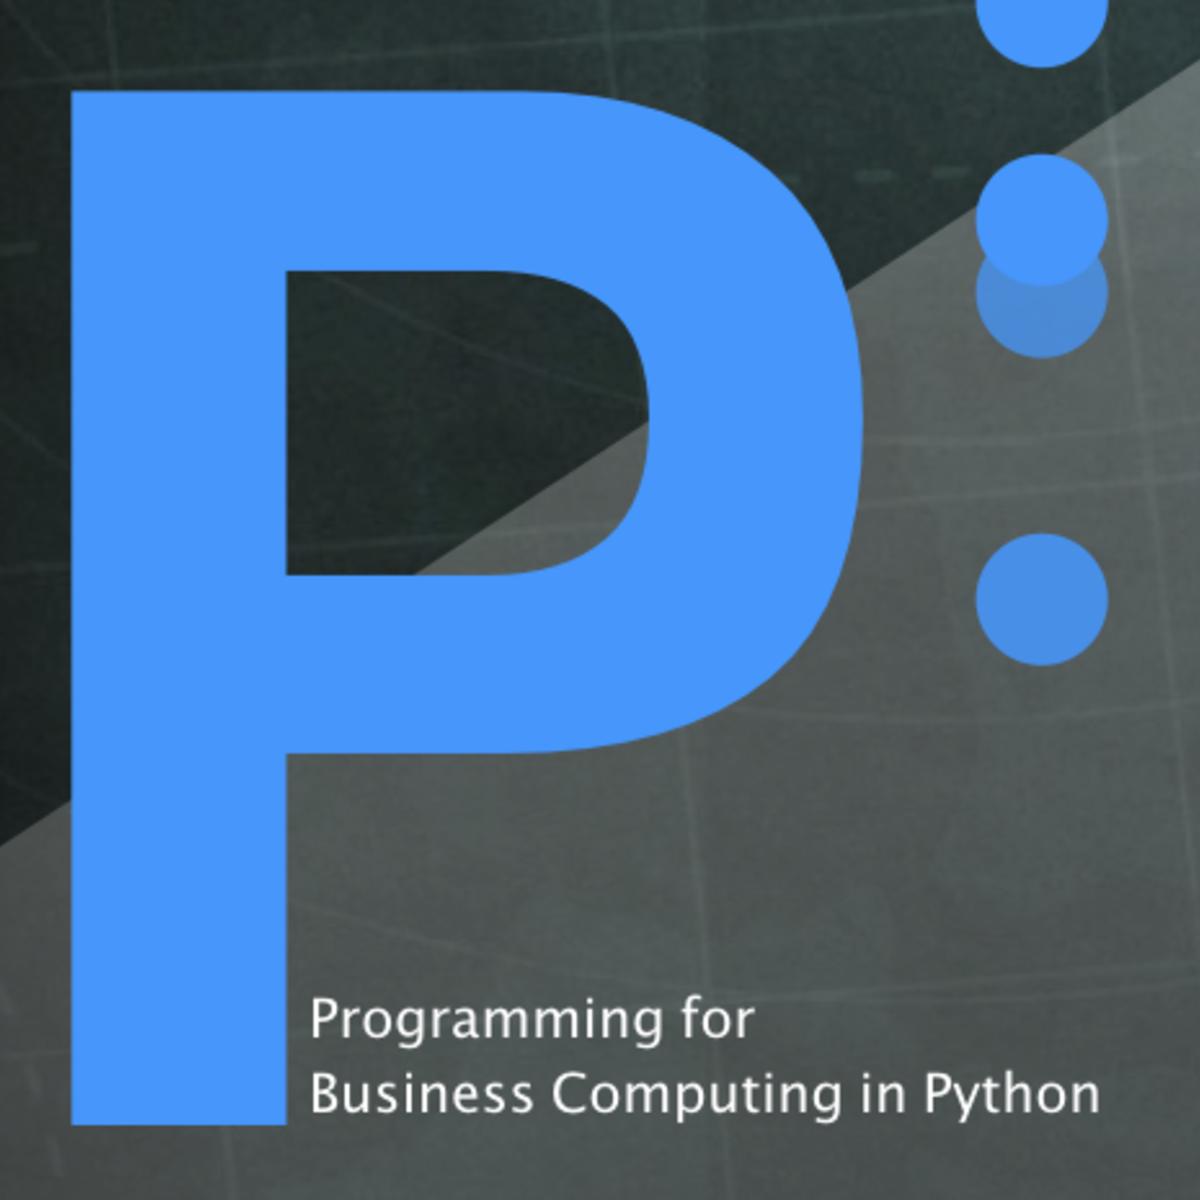 用 Python 做商管程式設計(一)(Programming for Business Computing in Py Coupon